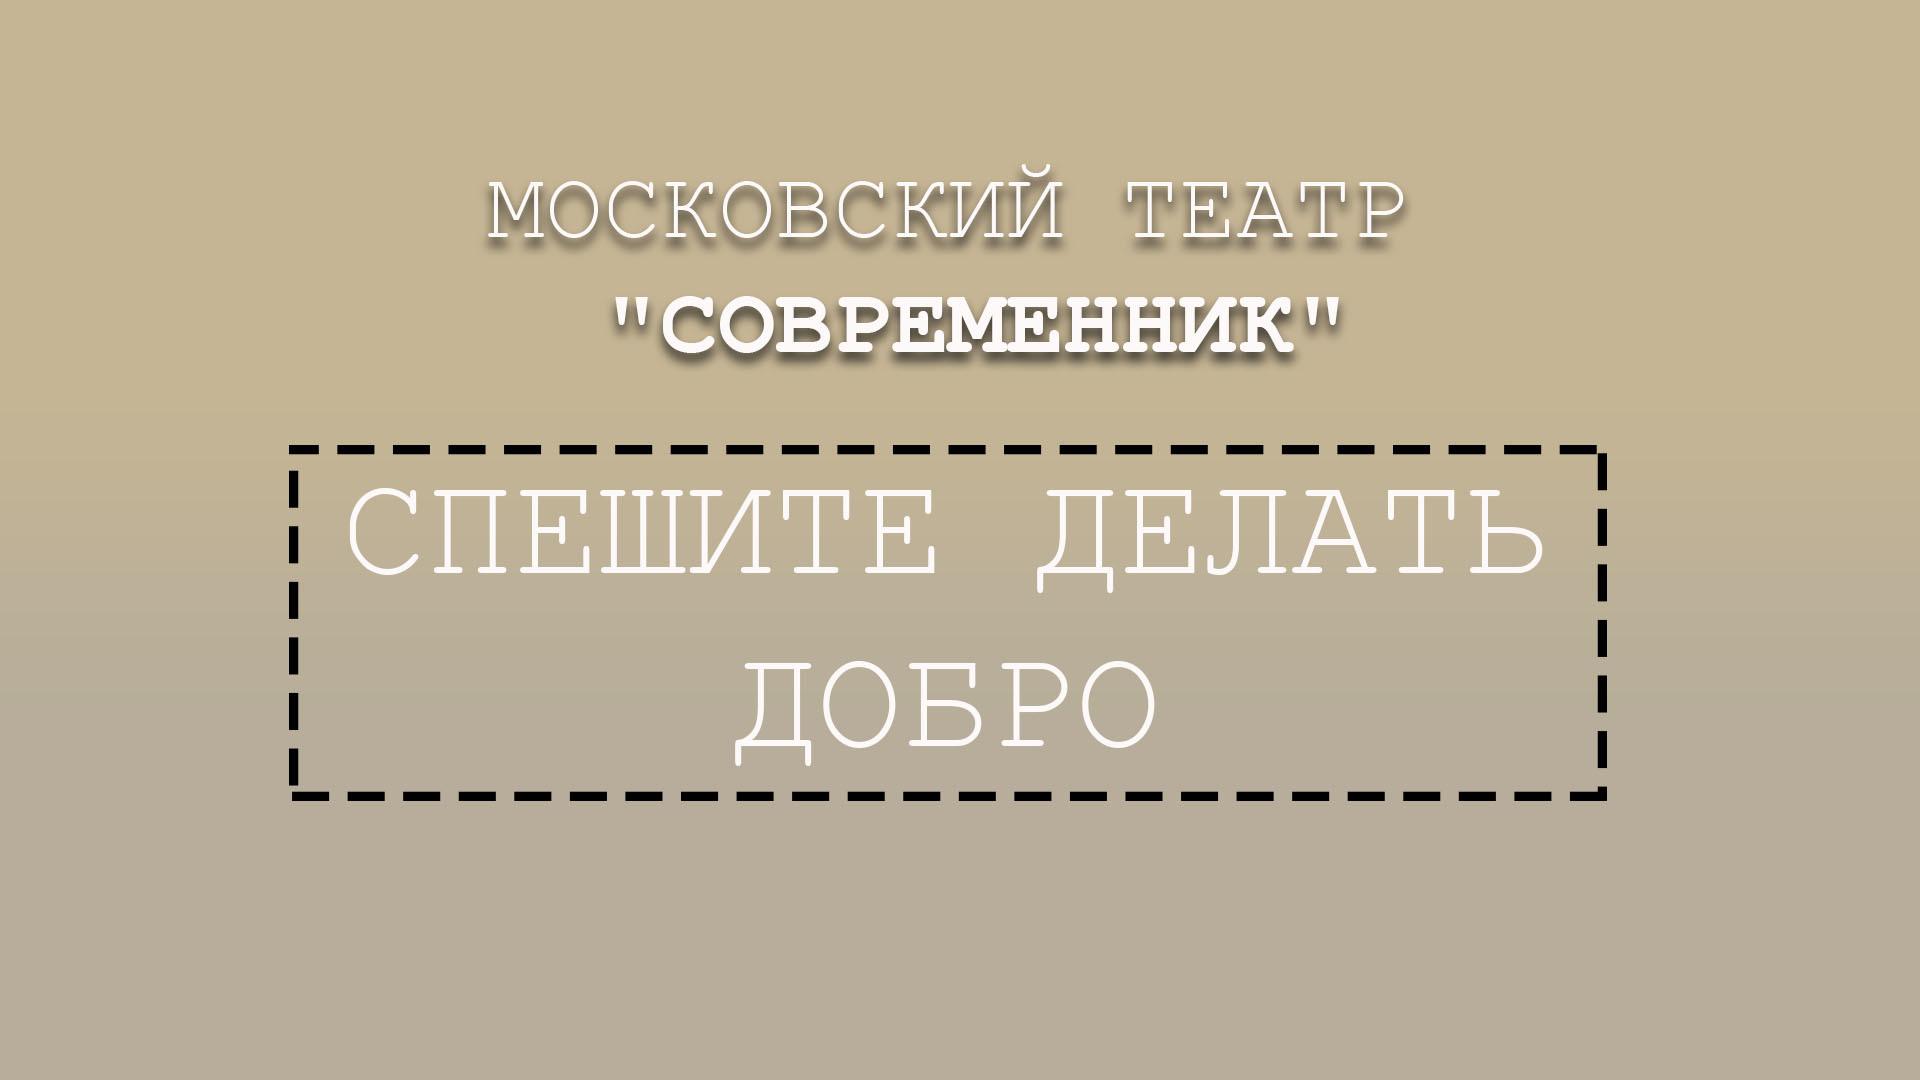 """Спешите делать добро (""""Современник"""")"""